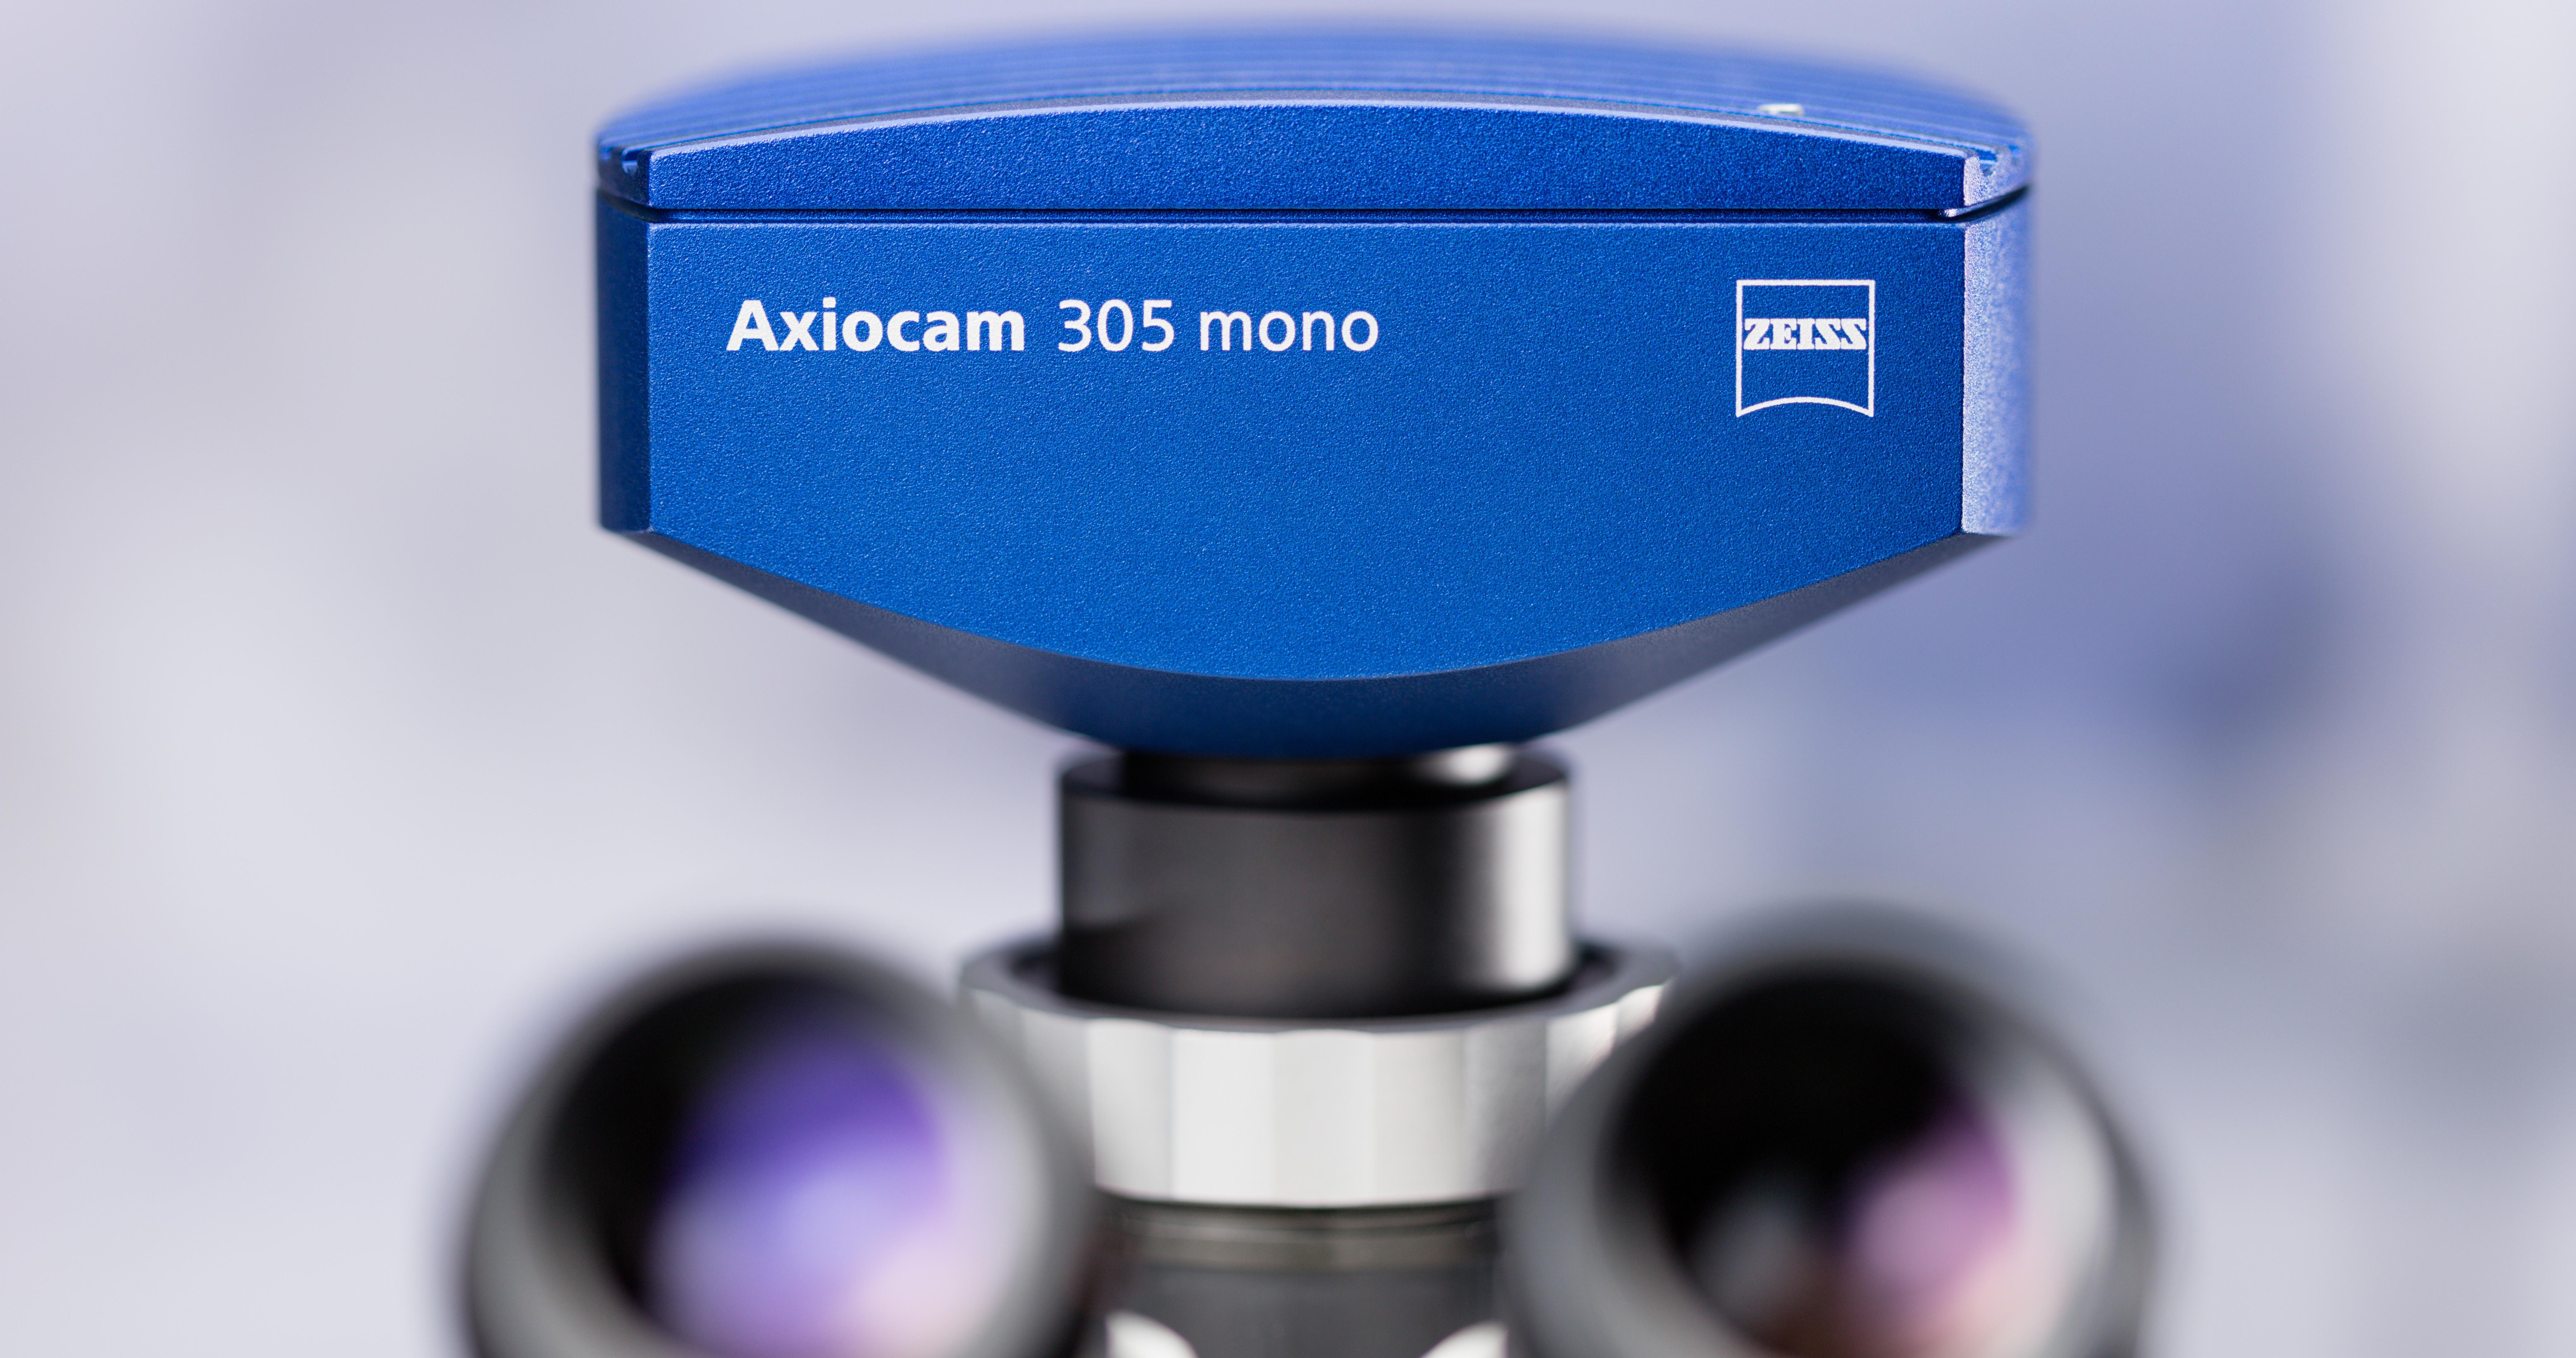 Neue schnelle 5-Megapixel-Mikroskopkamera für Routinefluoreszenzanwendungen